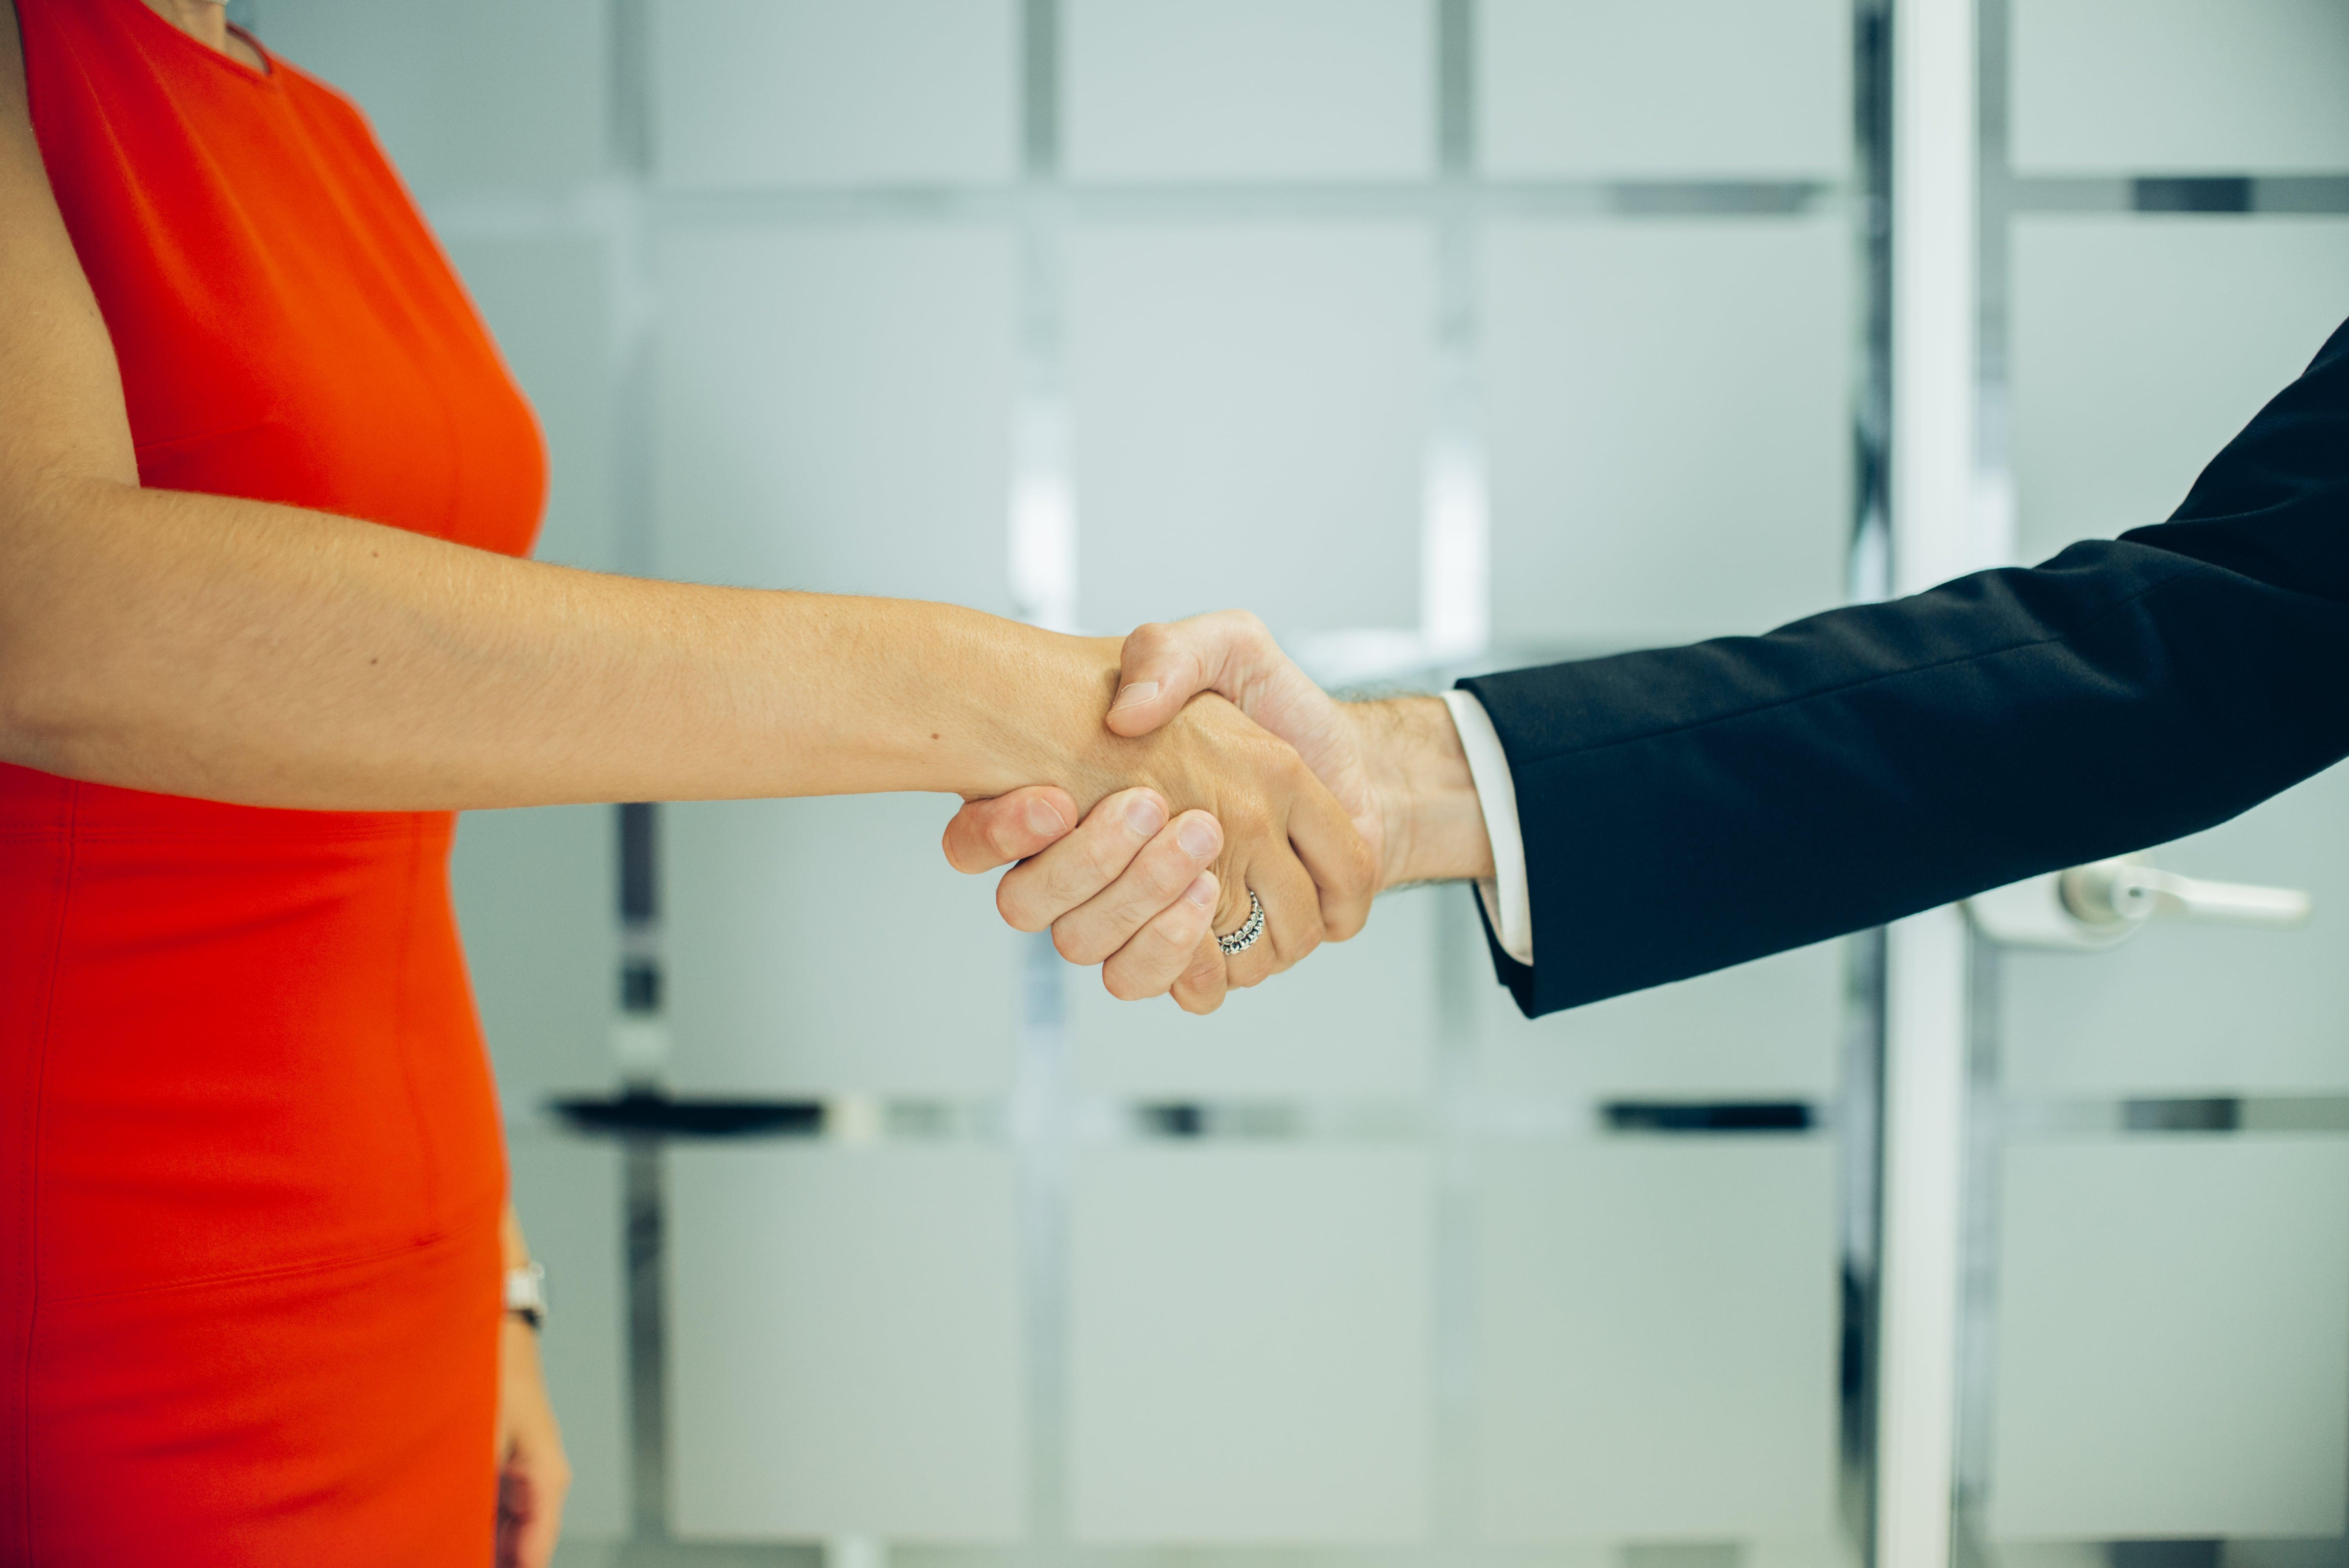 Cómo entrevistar a un candidato: consejos para contratar a la persona adecuada